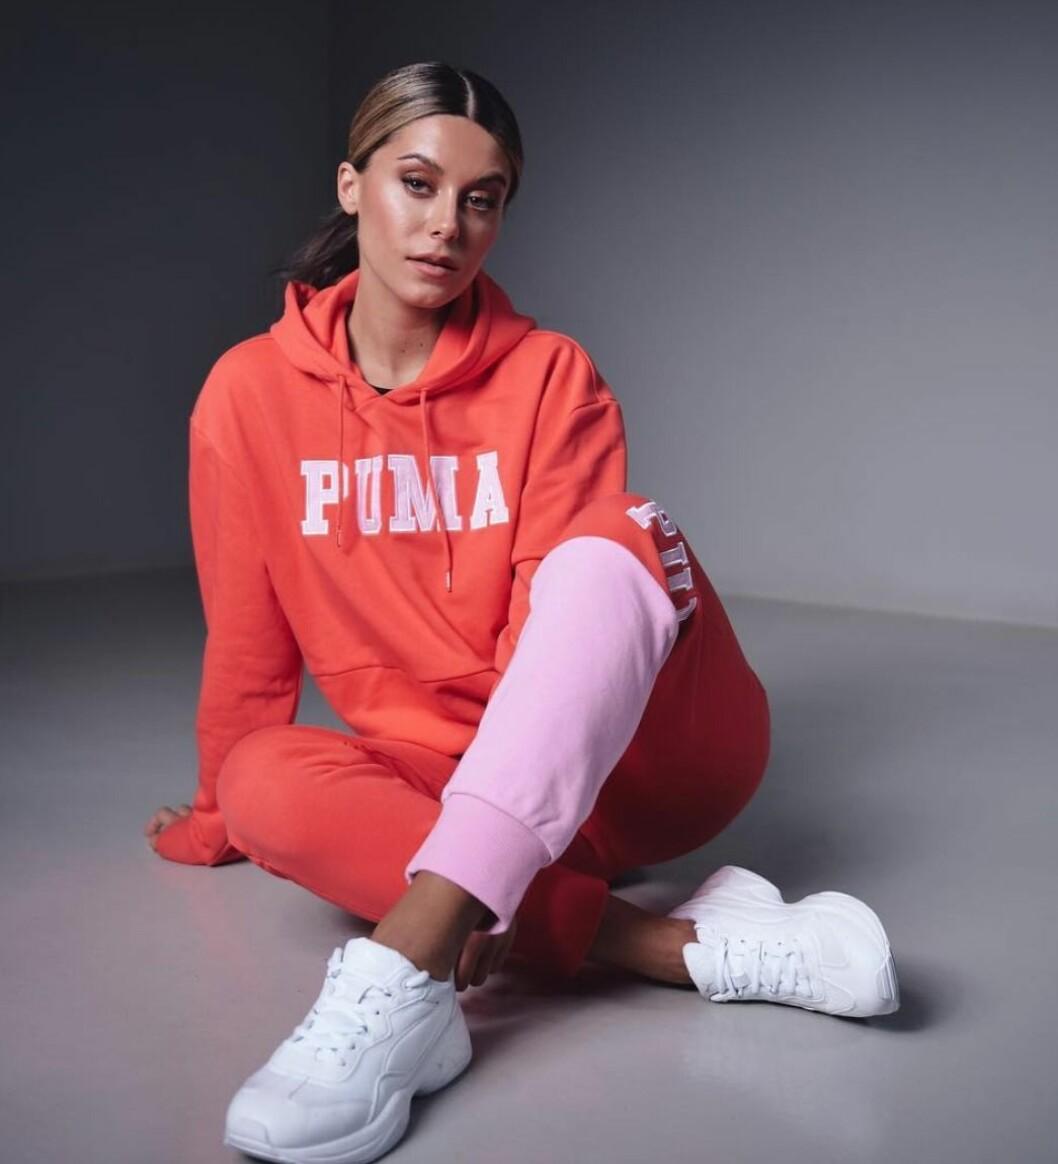 Bianca Ingrossos träningskläder